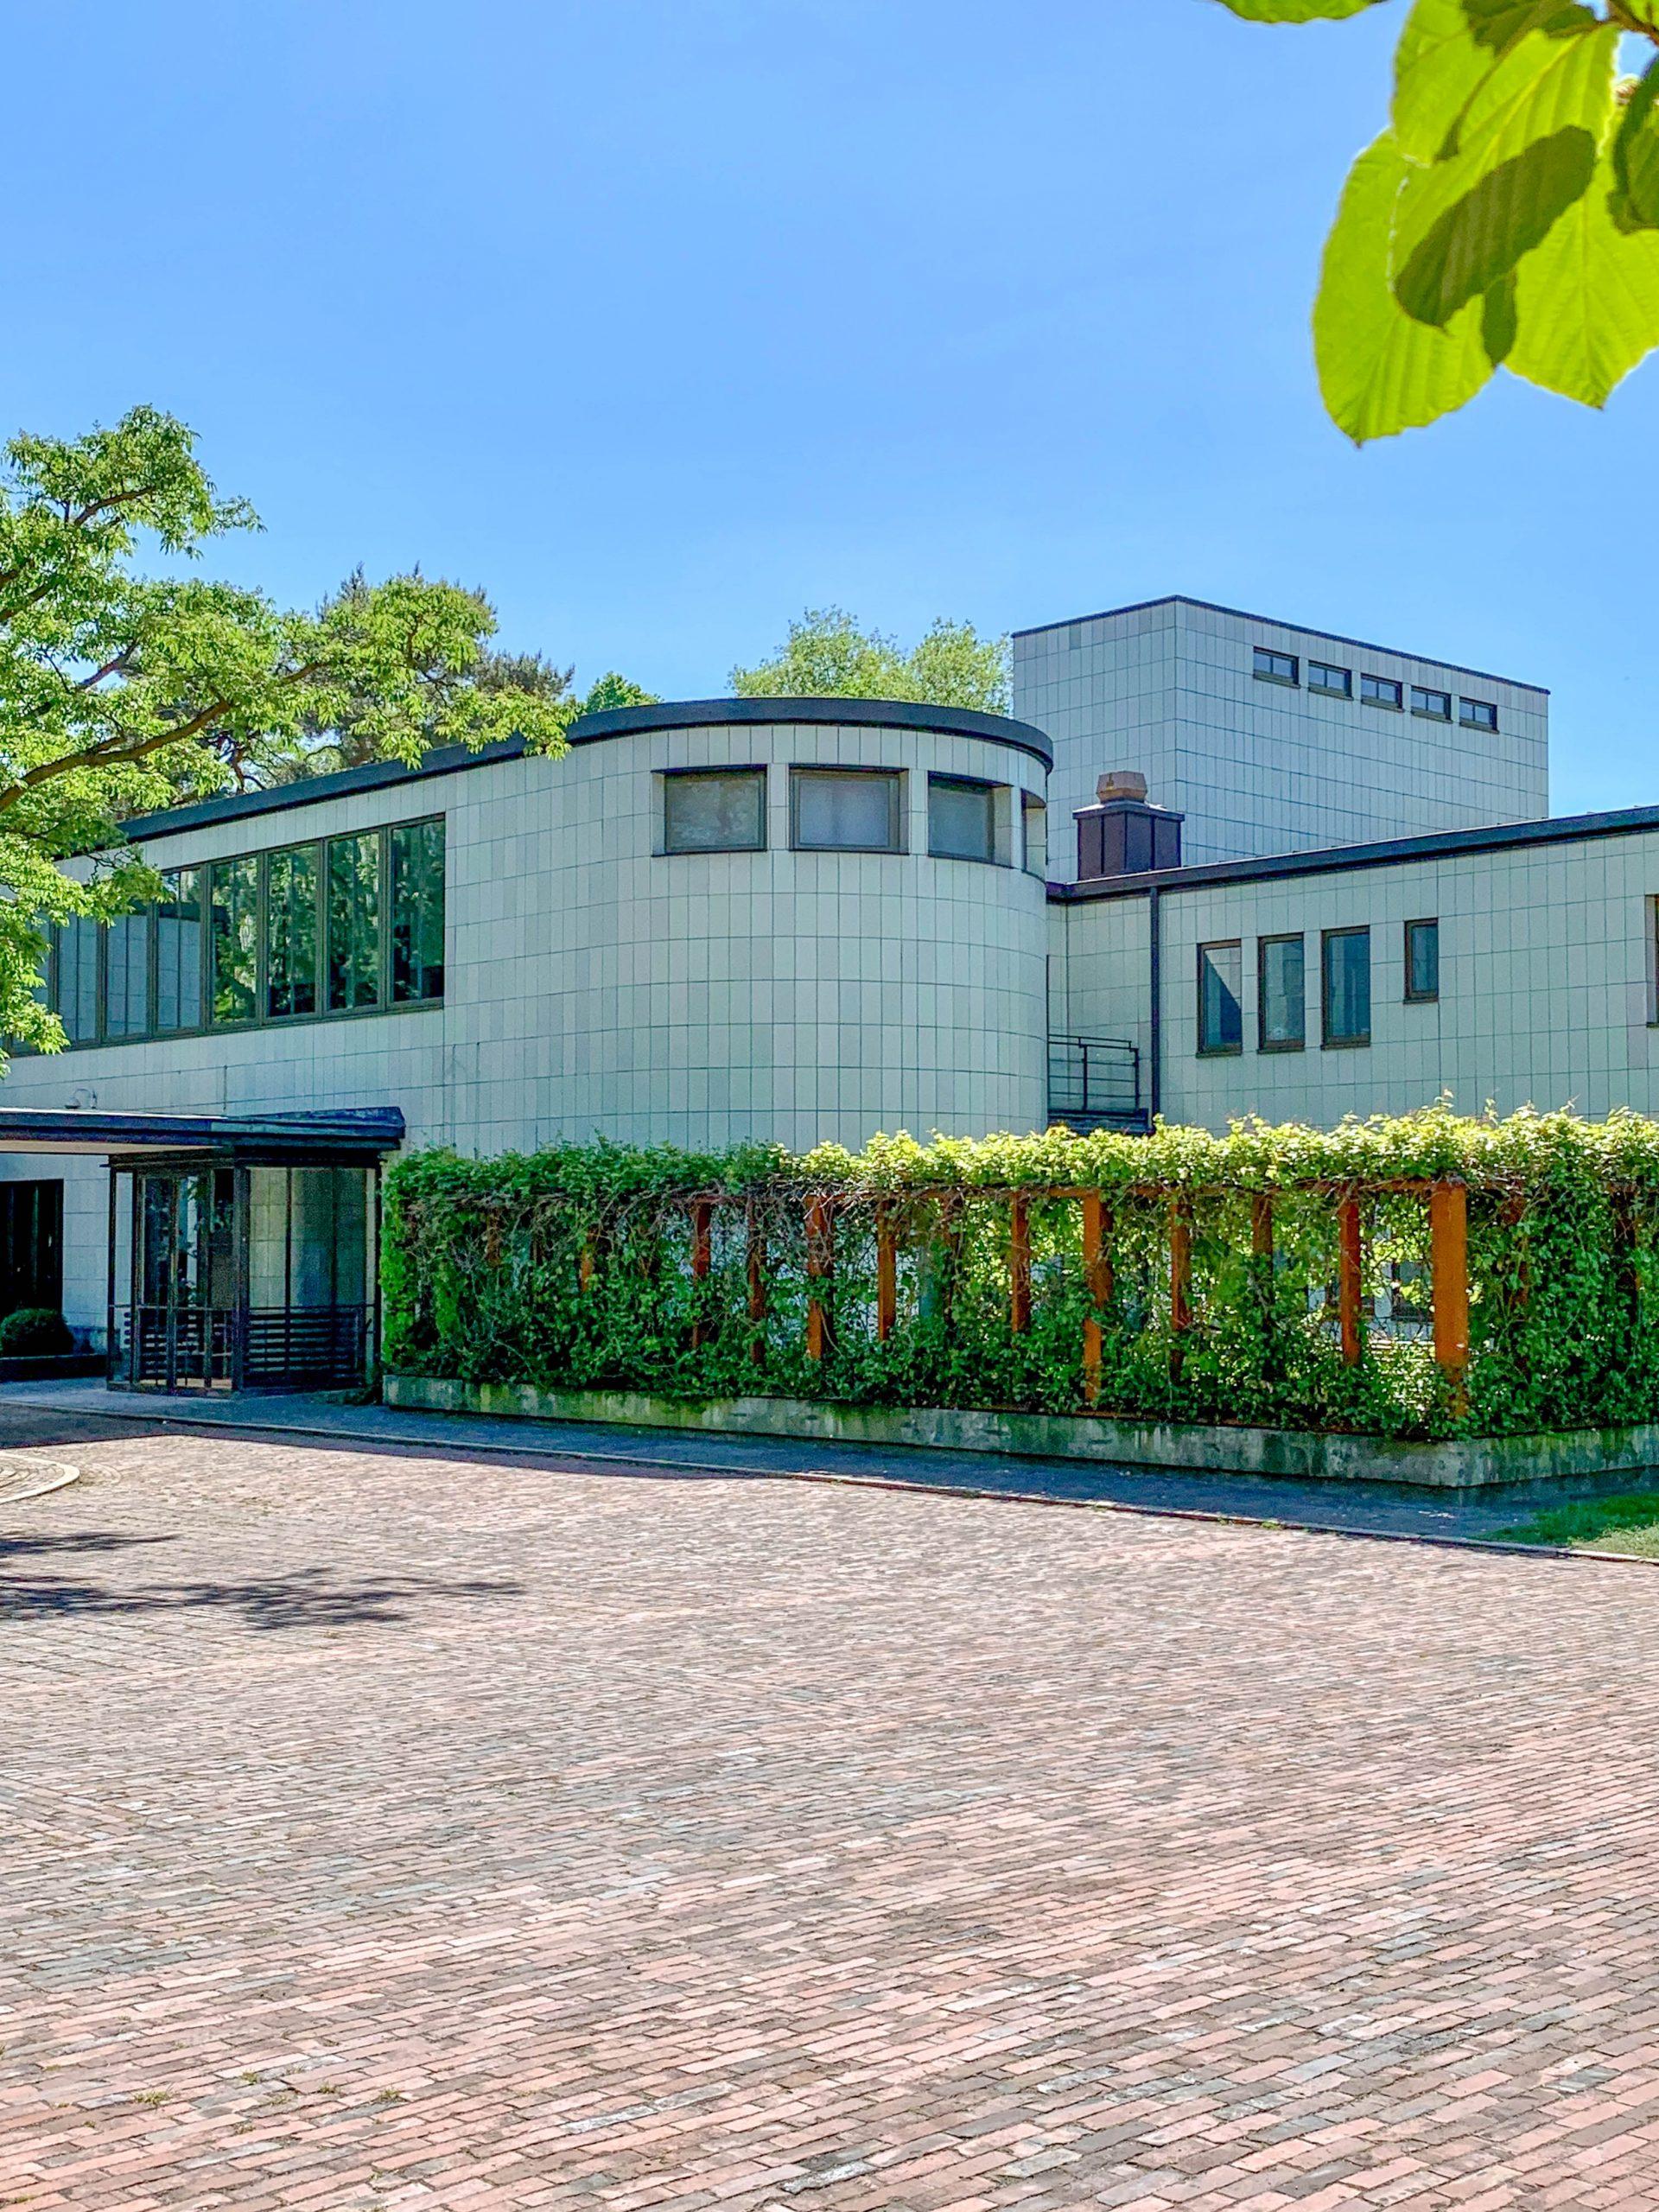 House K. in O., 1930-1932. Architect: Martin Elsaesser